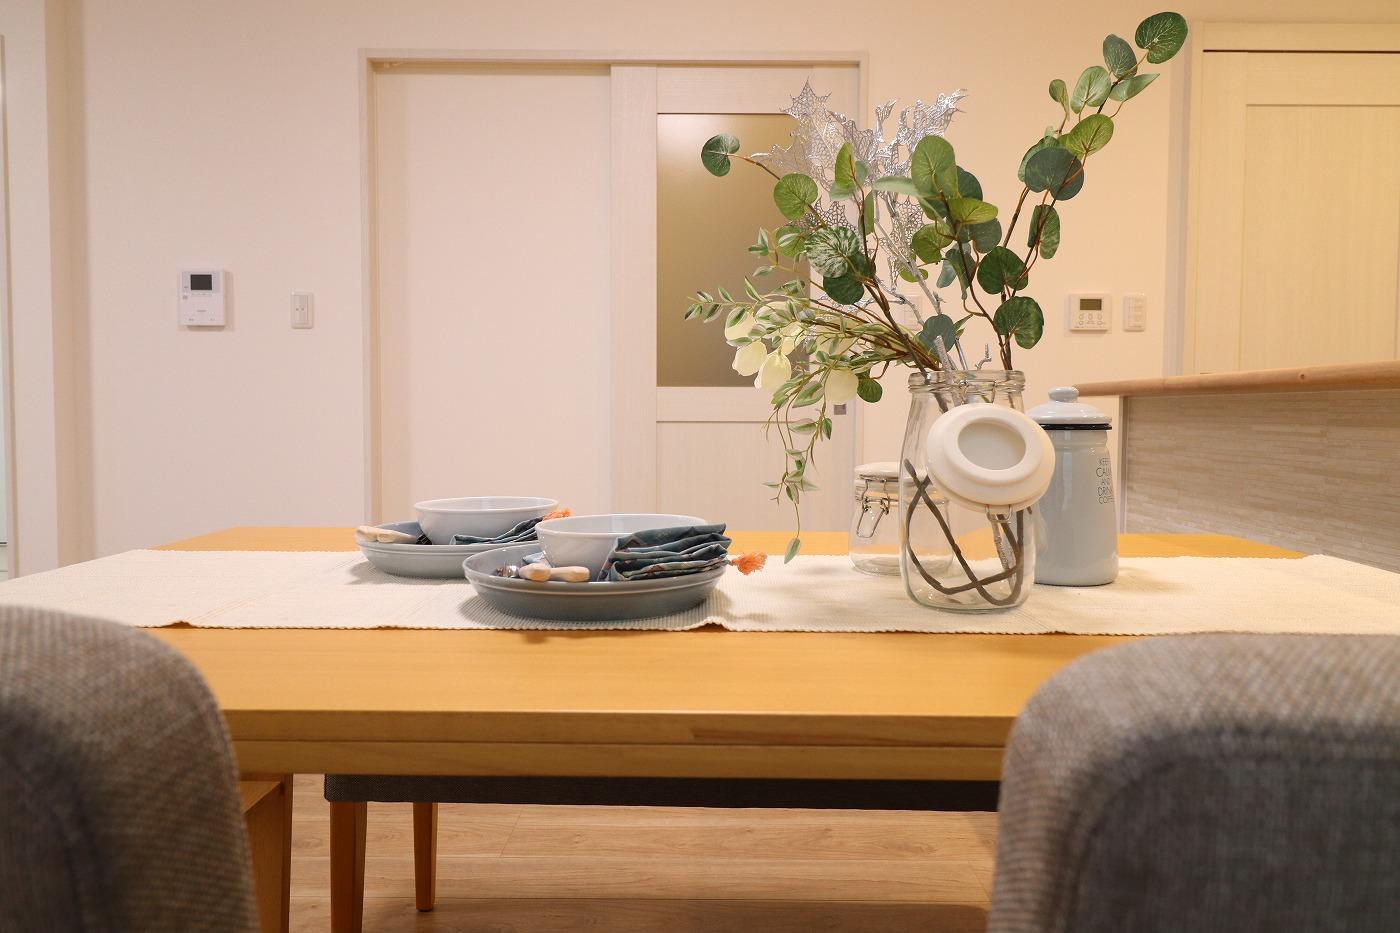 高松市木太町の新築建売住宅のディスプレイ